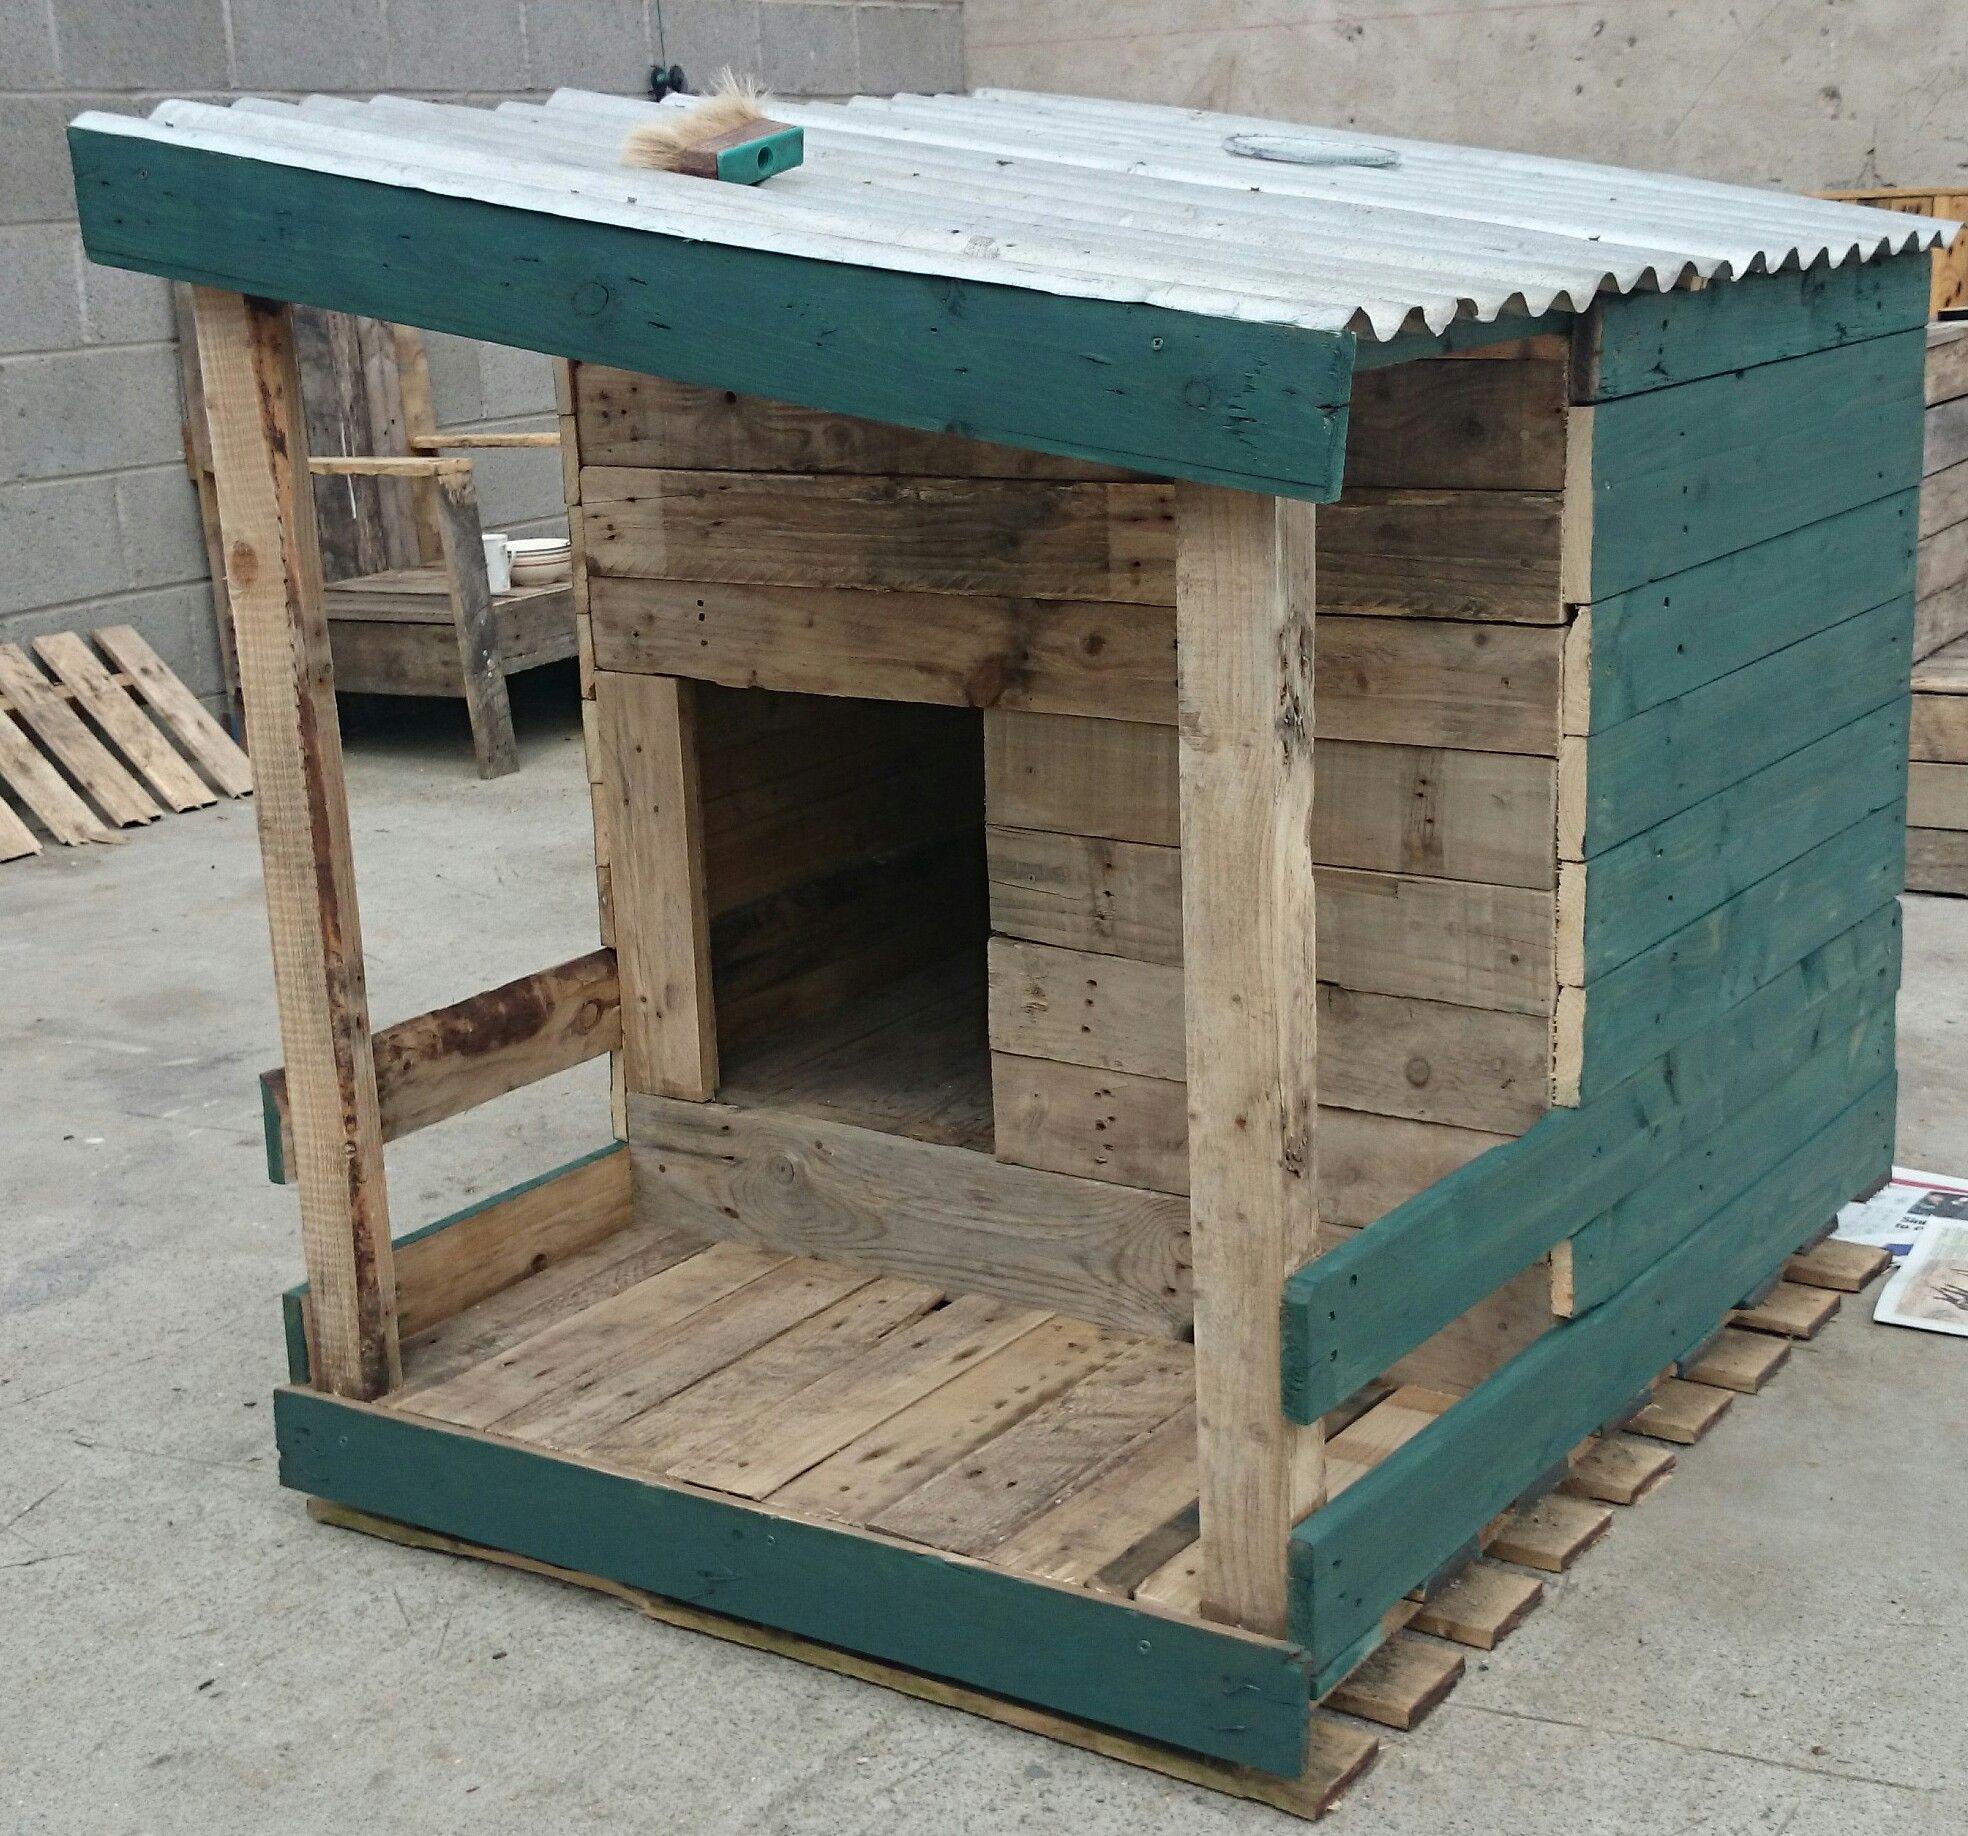 Pallet Dog House: Build Your Own | Hunde, Hundehütten und kleine Farm